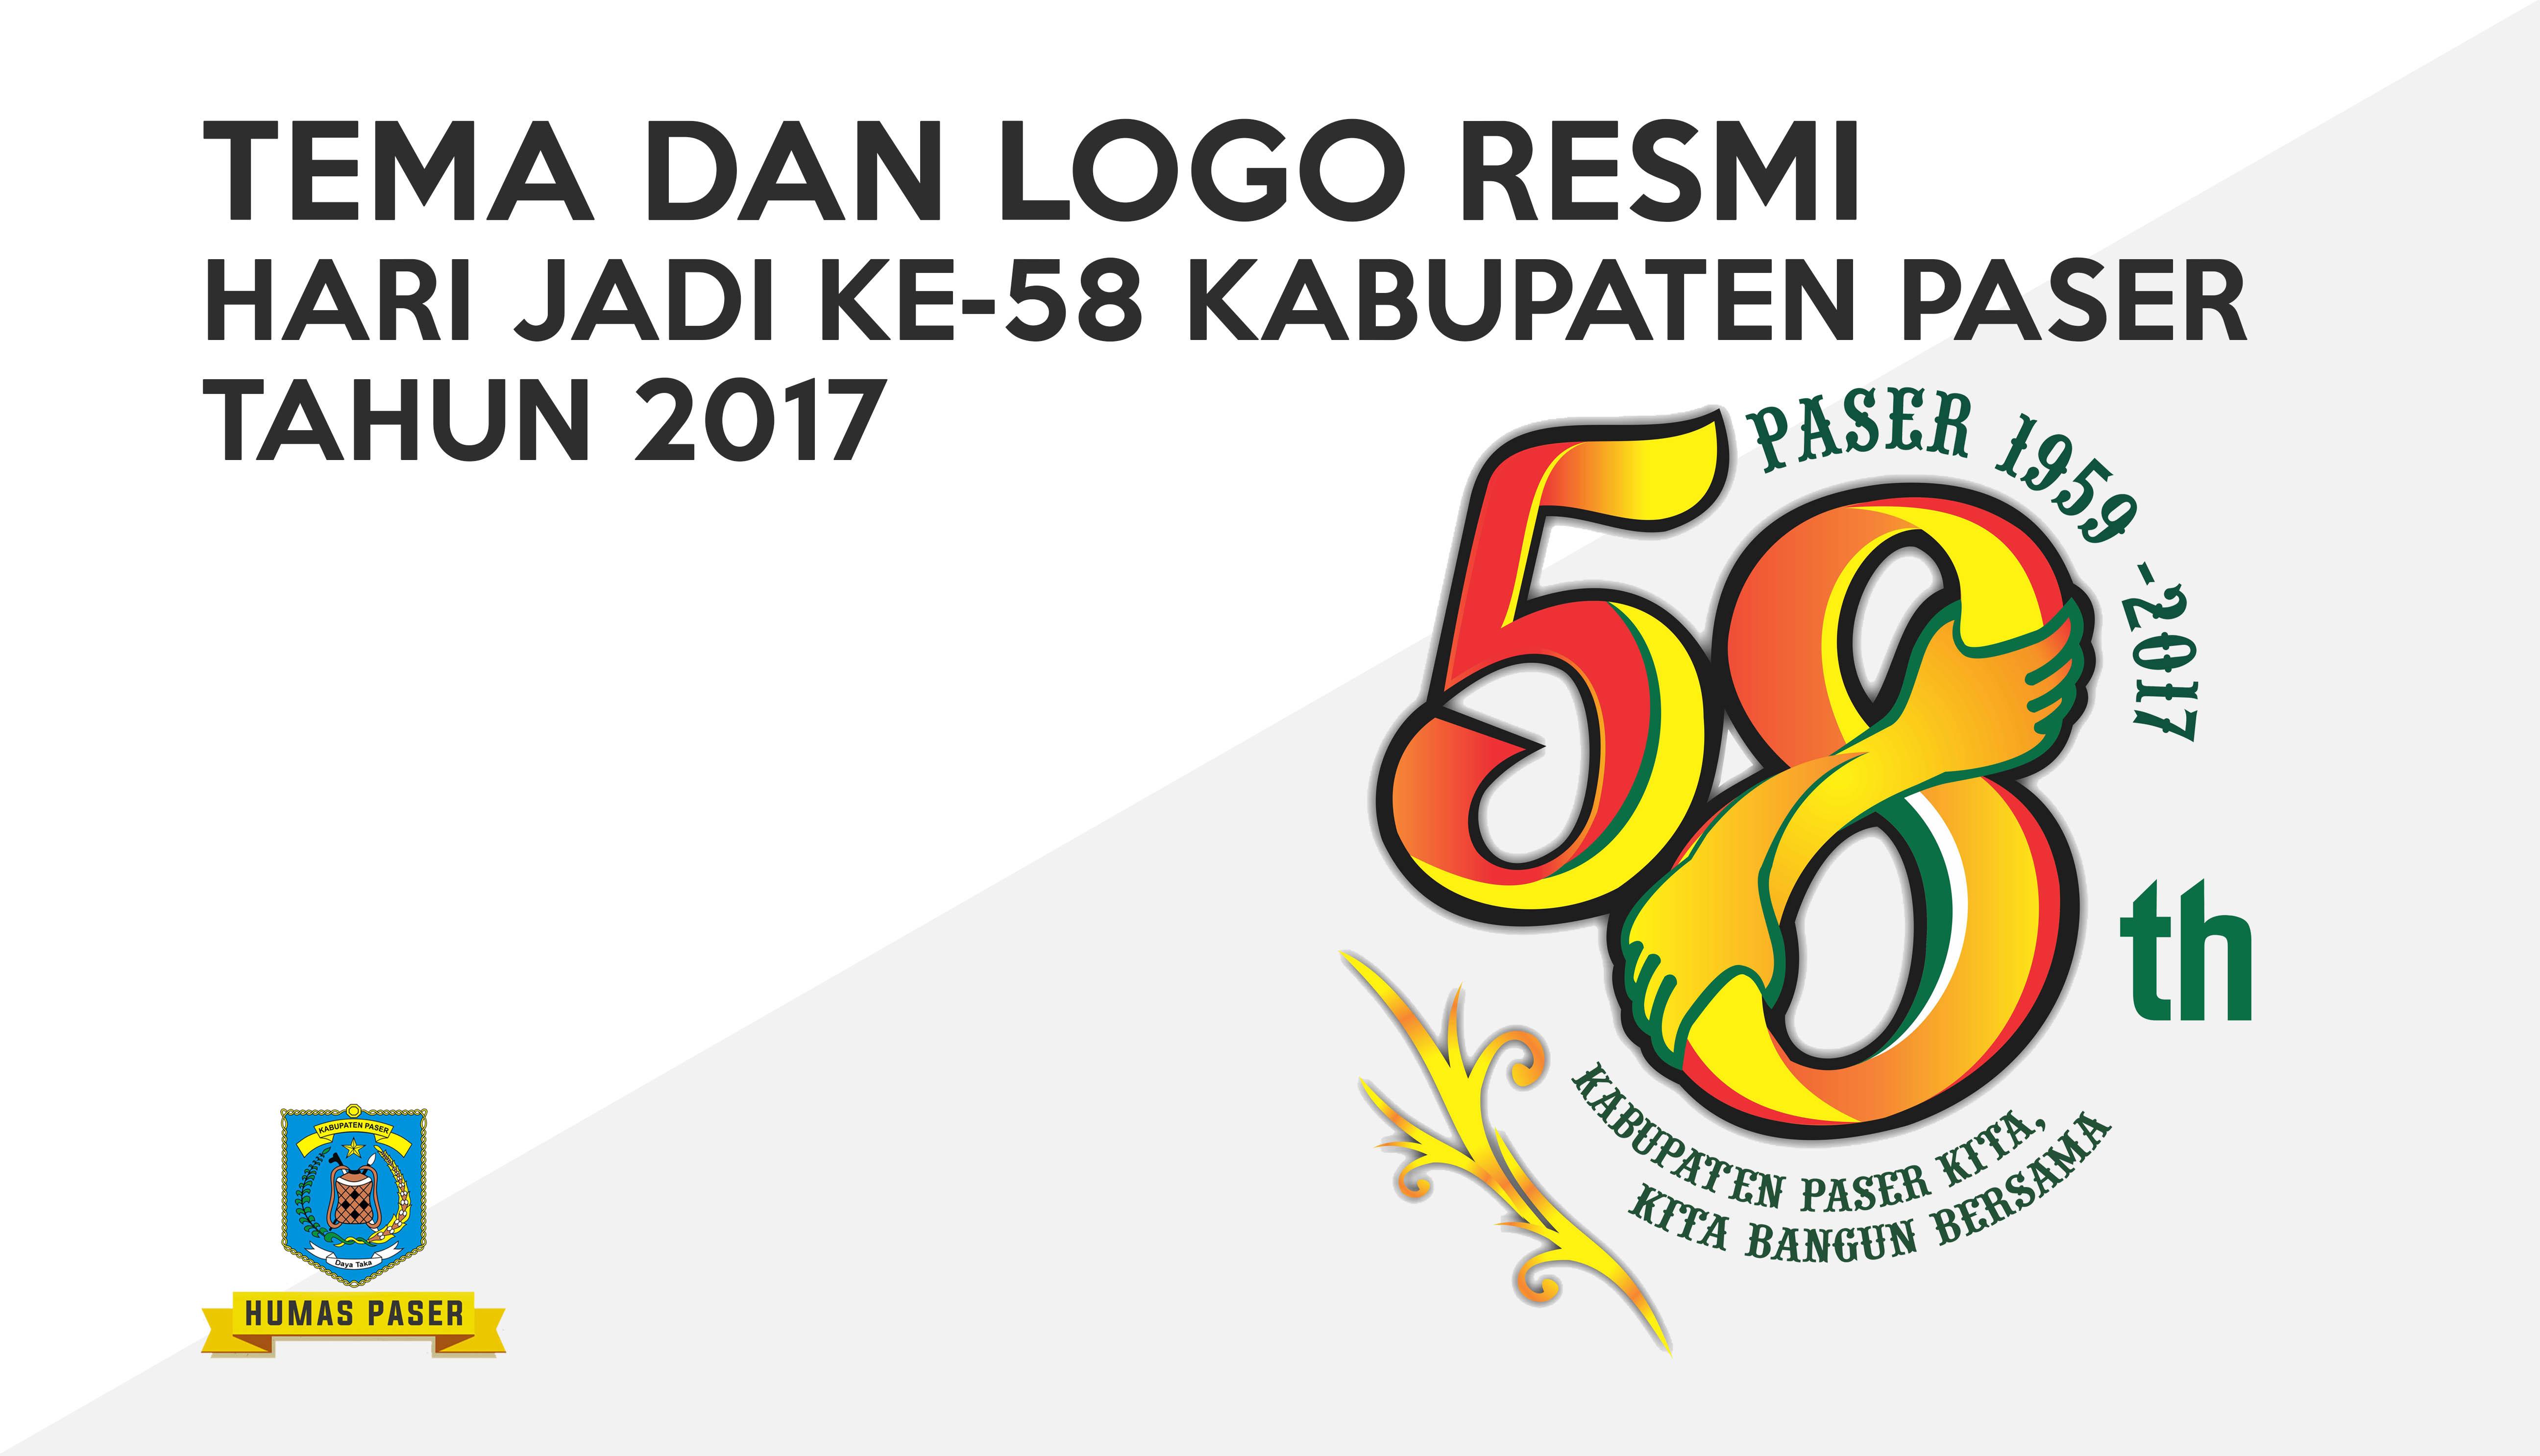 DOWNLOAD TEMA DAN LOGO RESMI HARI JADI KE-58 KABUPATEN PASER TAHUN 2017